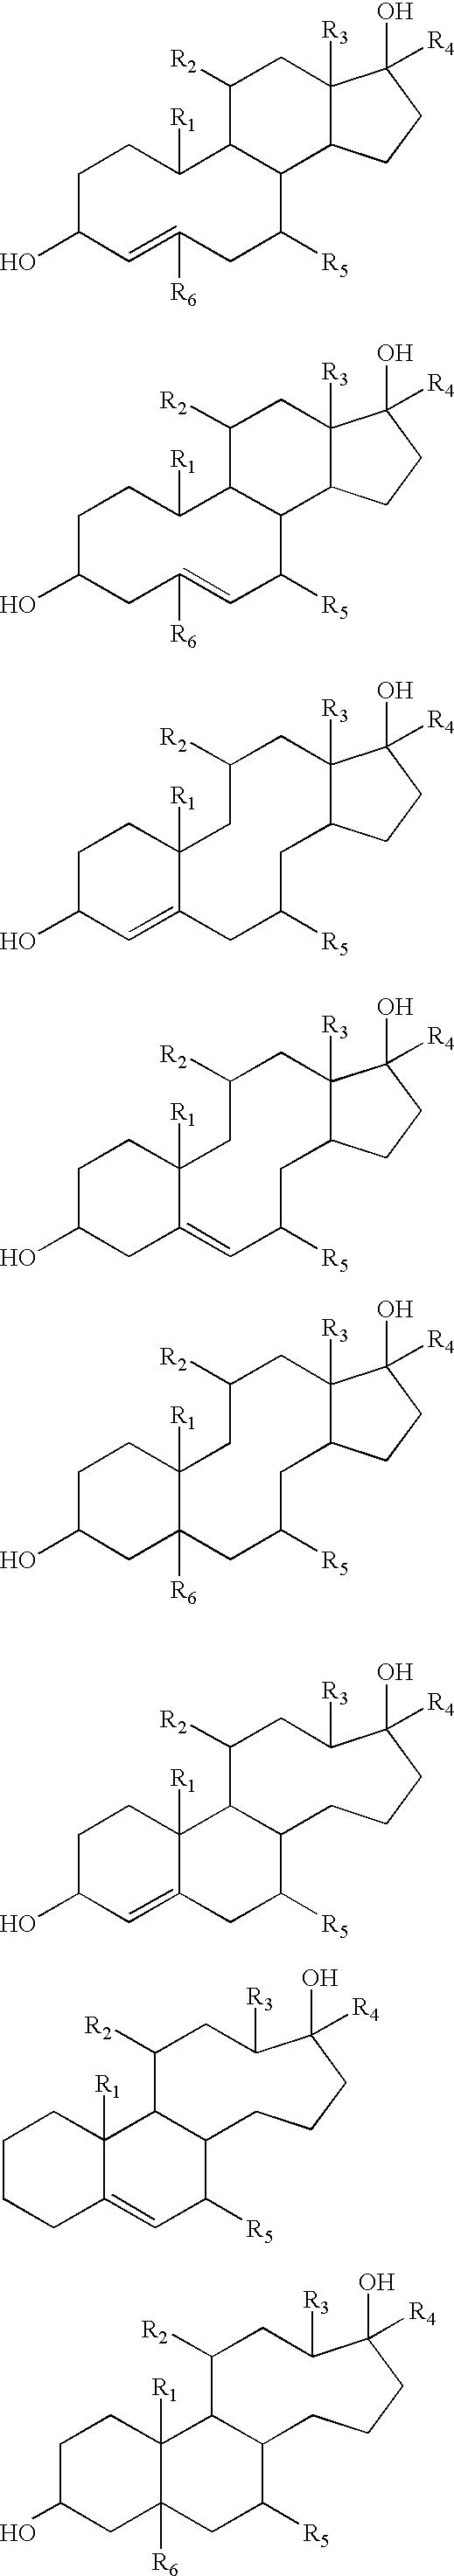 Figure US20030119800A1-20030626-C00013